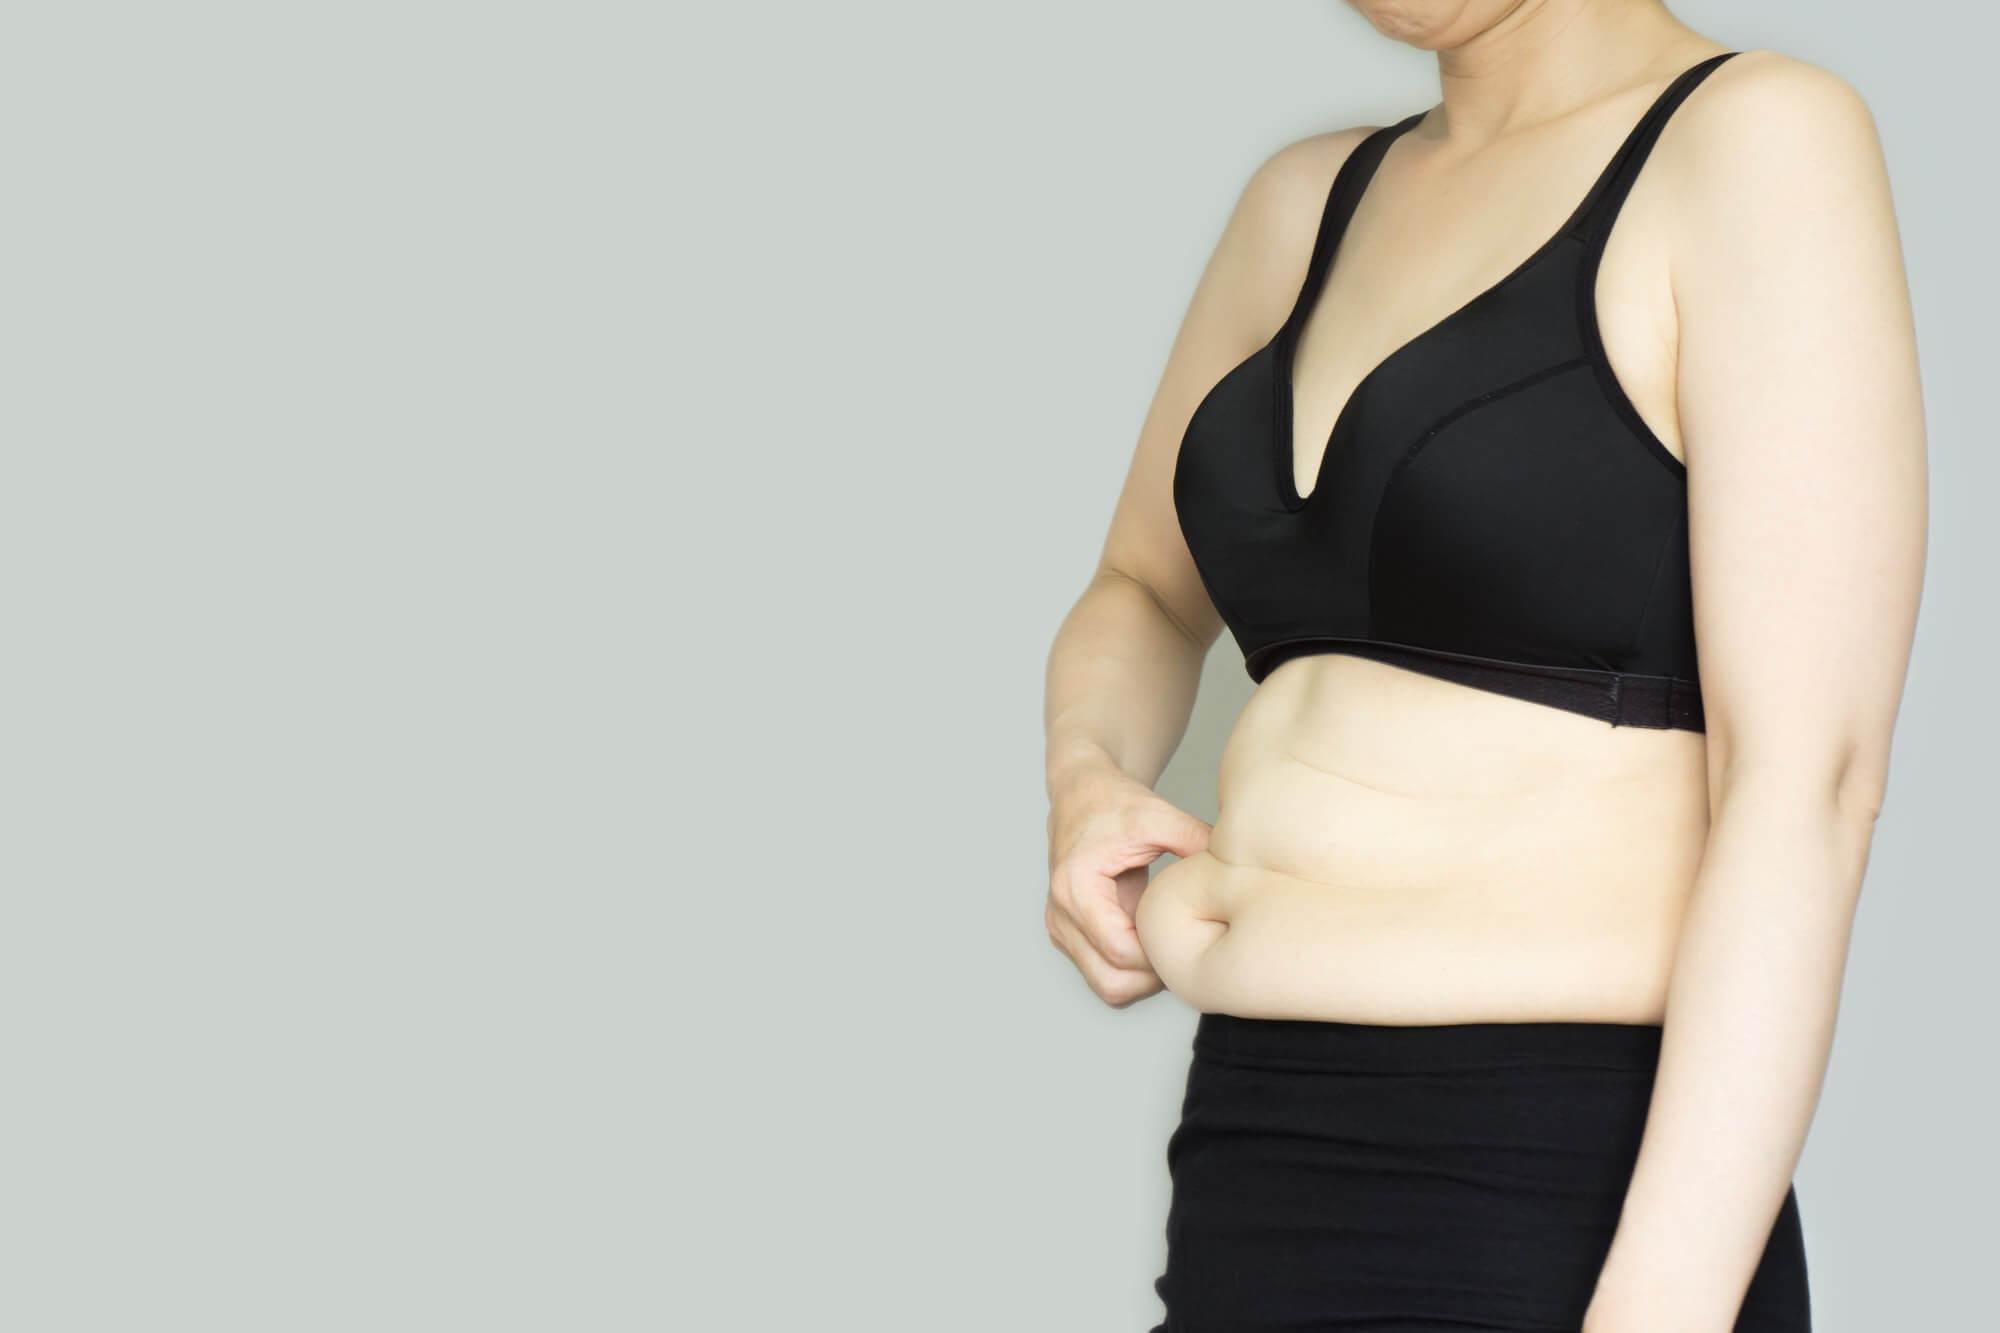 女性のダイエットはリバウンドしやすい?パーソナルジム通いでリバウンド対策を!